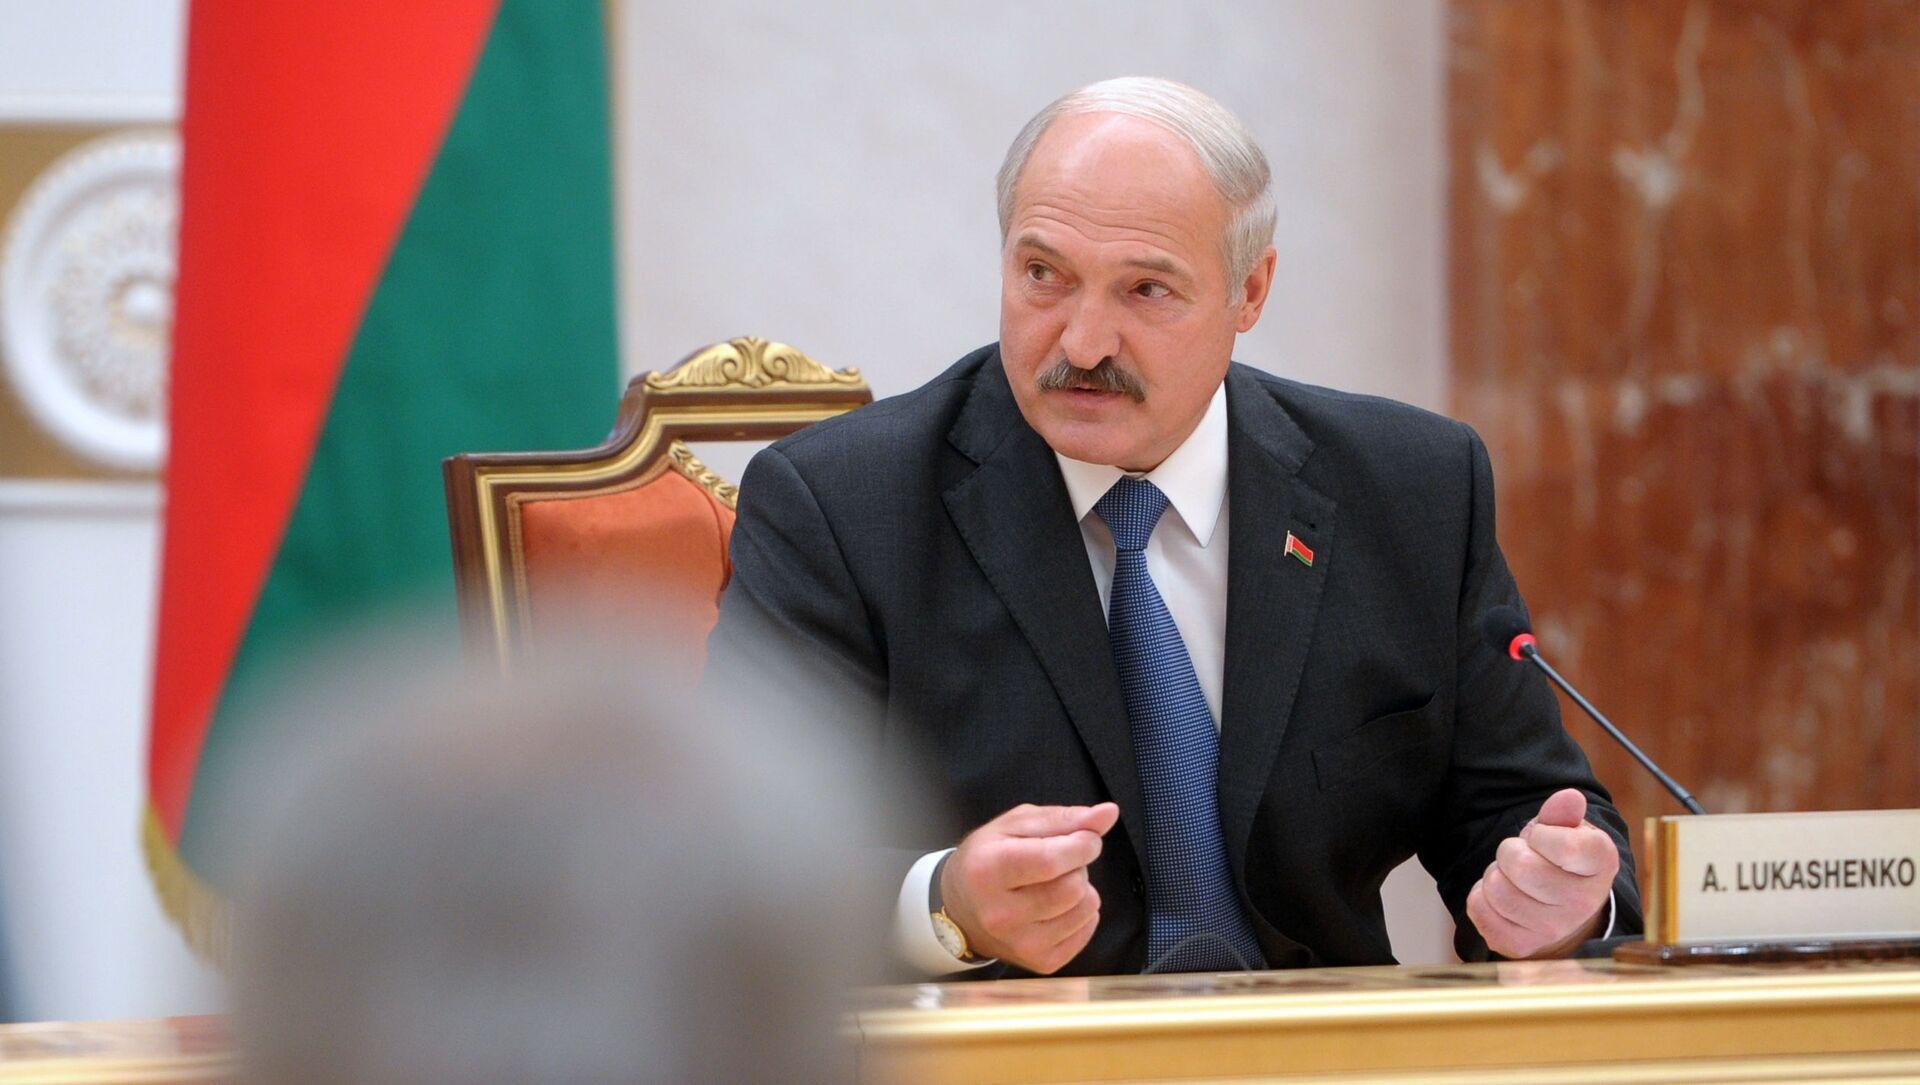 Prezydent Białorusi Alaksandr Łukaszenka - Sputnik Polska, 1920, 11.03.2021